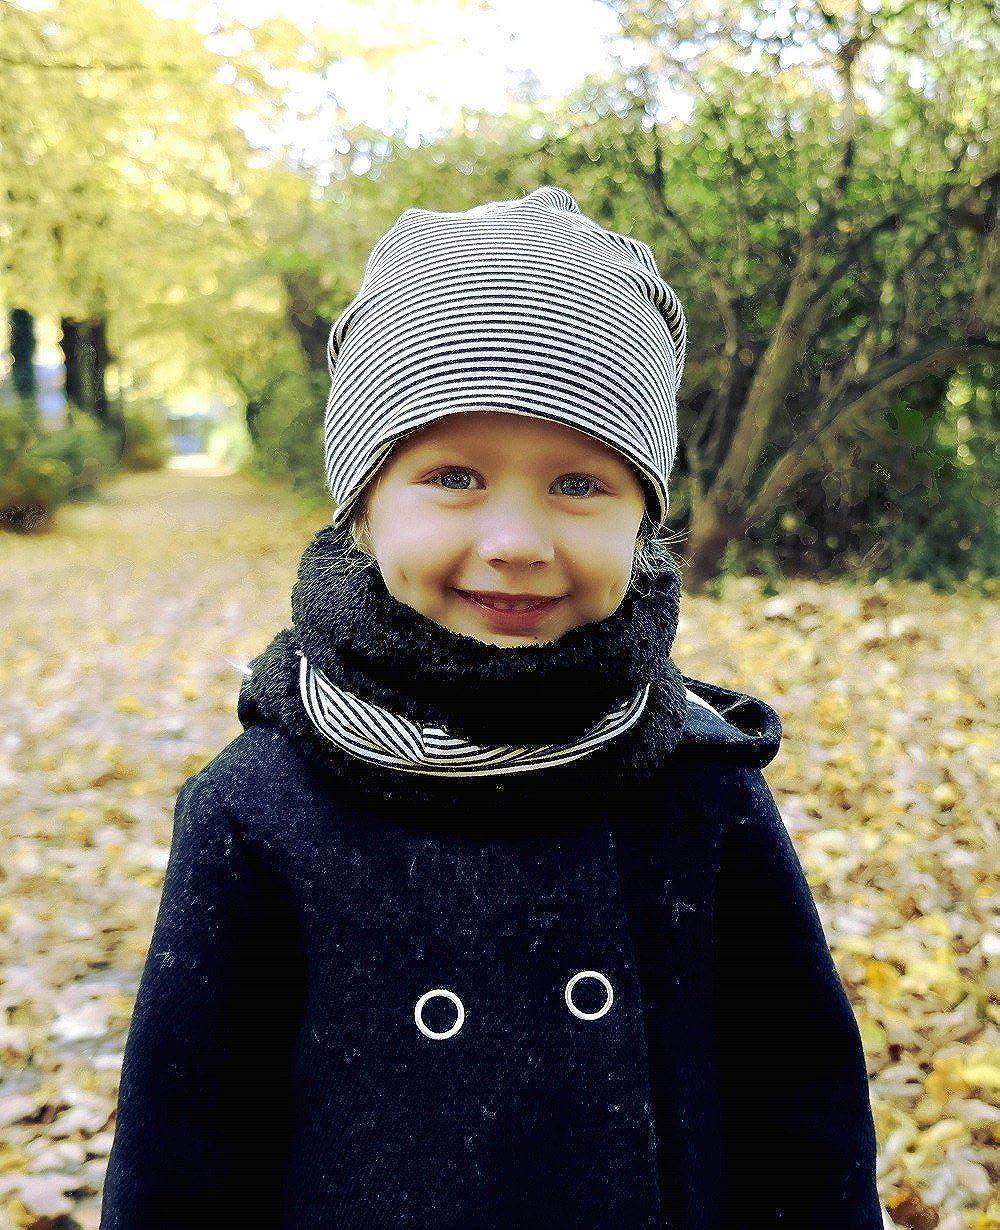 Echarpe tube et bonnet pour gar/çon et fille Hilltop Ensemble dhiver pour enfant Echarpe en polaire peluche et bonnet pour enfant assorti